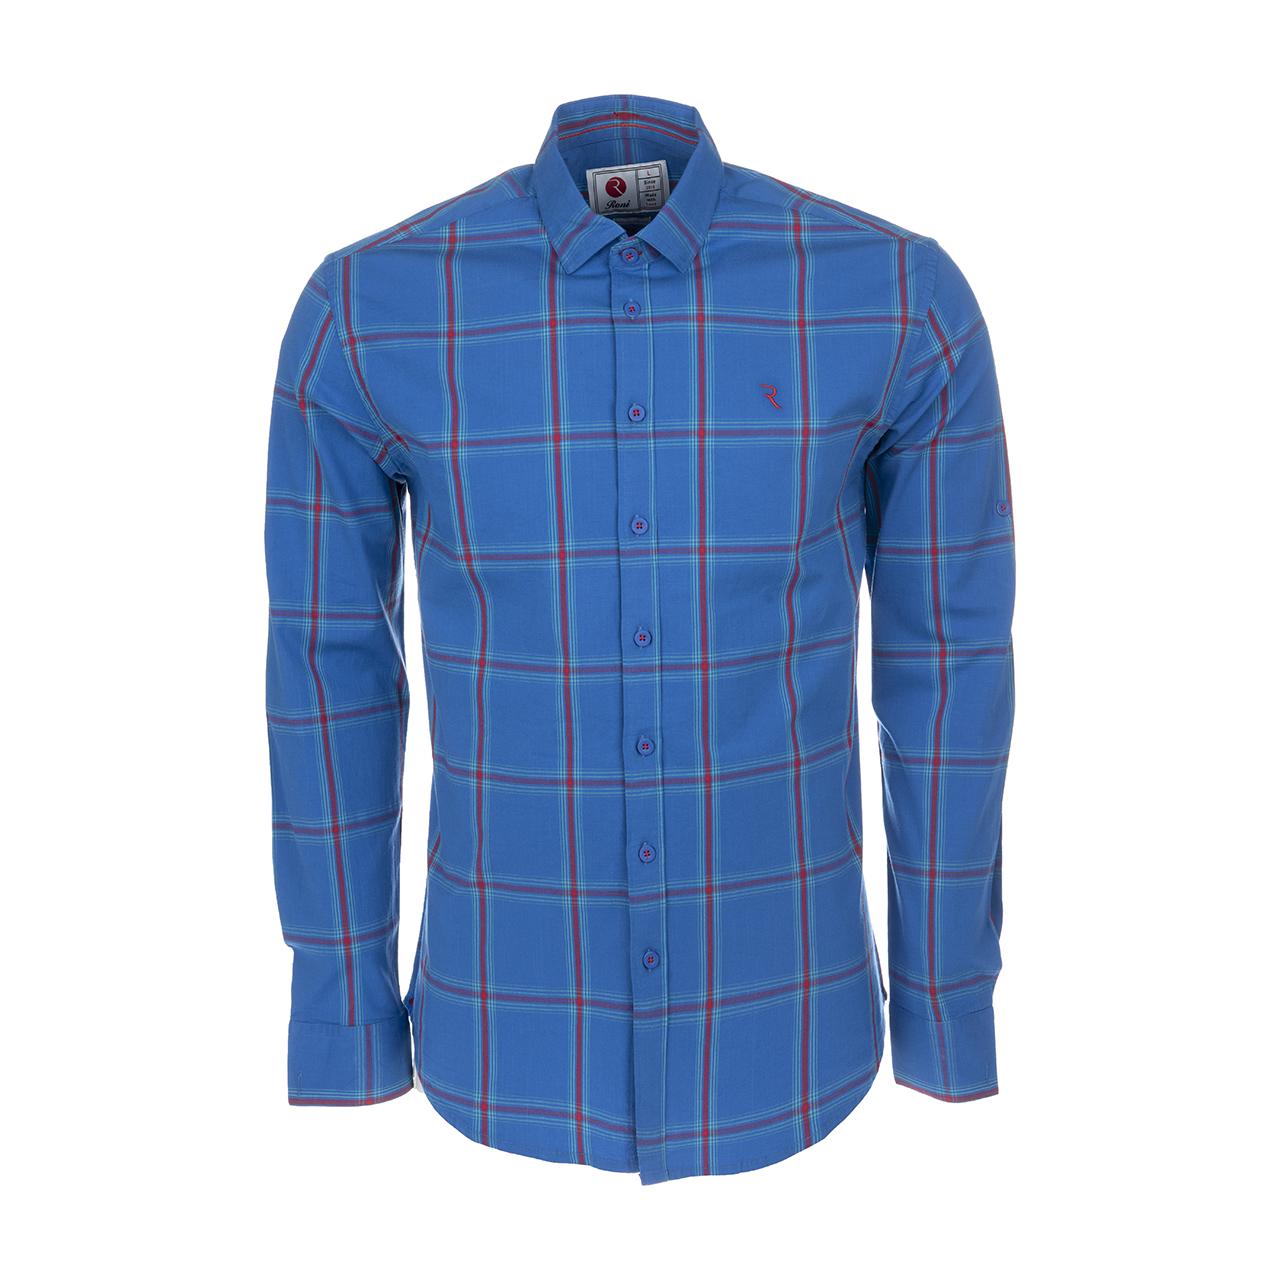 پیراهن مردانه رونی مدل 1133023626-58